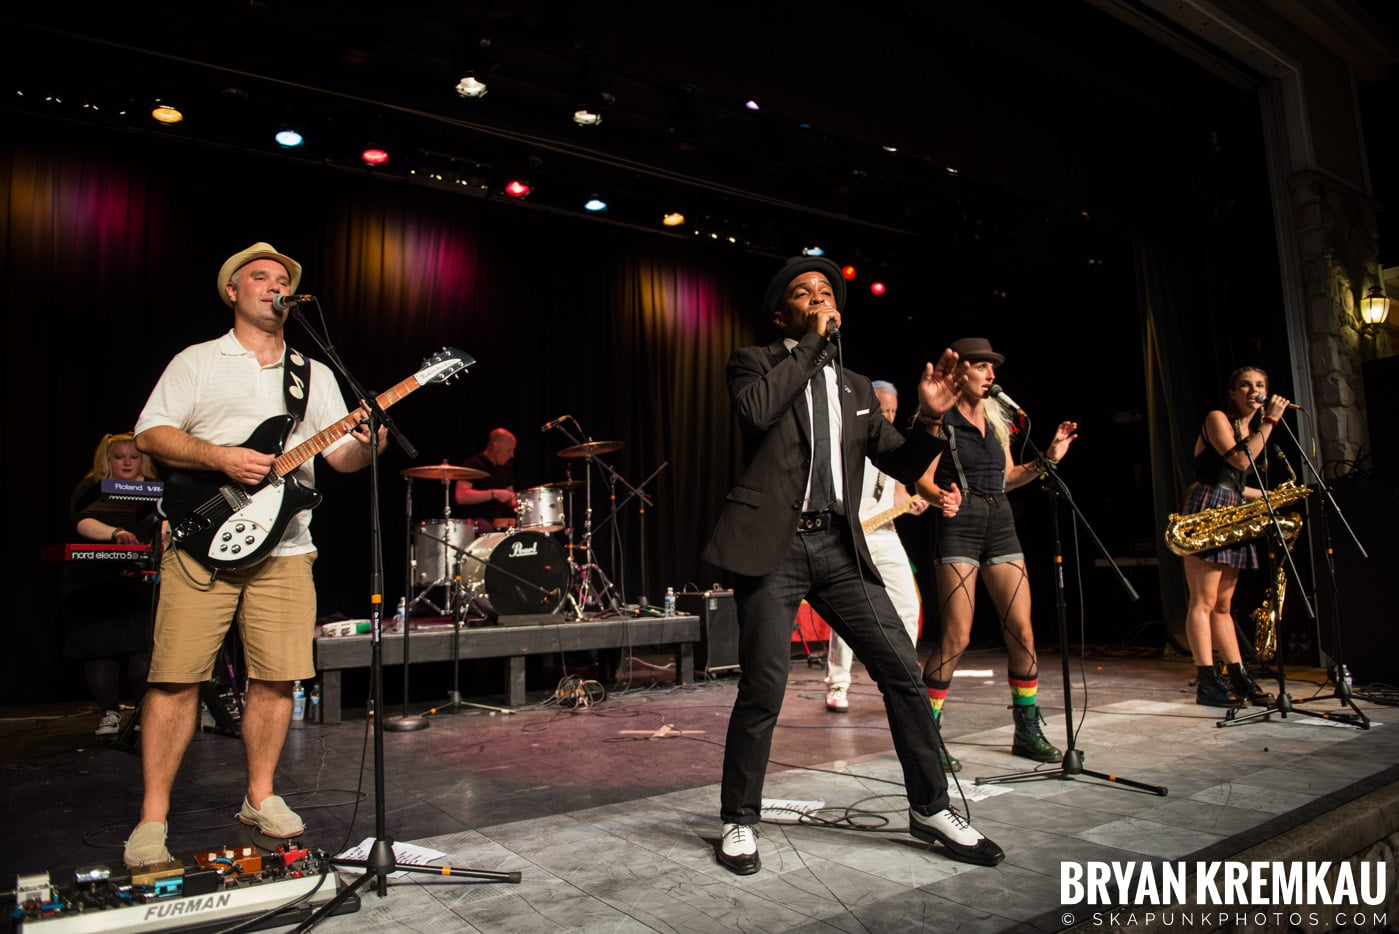 Rude Boy George @ Oskar Schindler Performing Arts Center, West Orange, NJ - 8.19.17 (10)